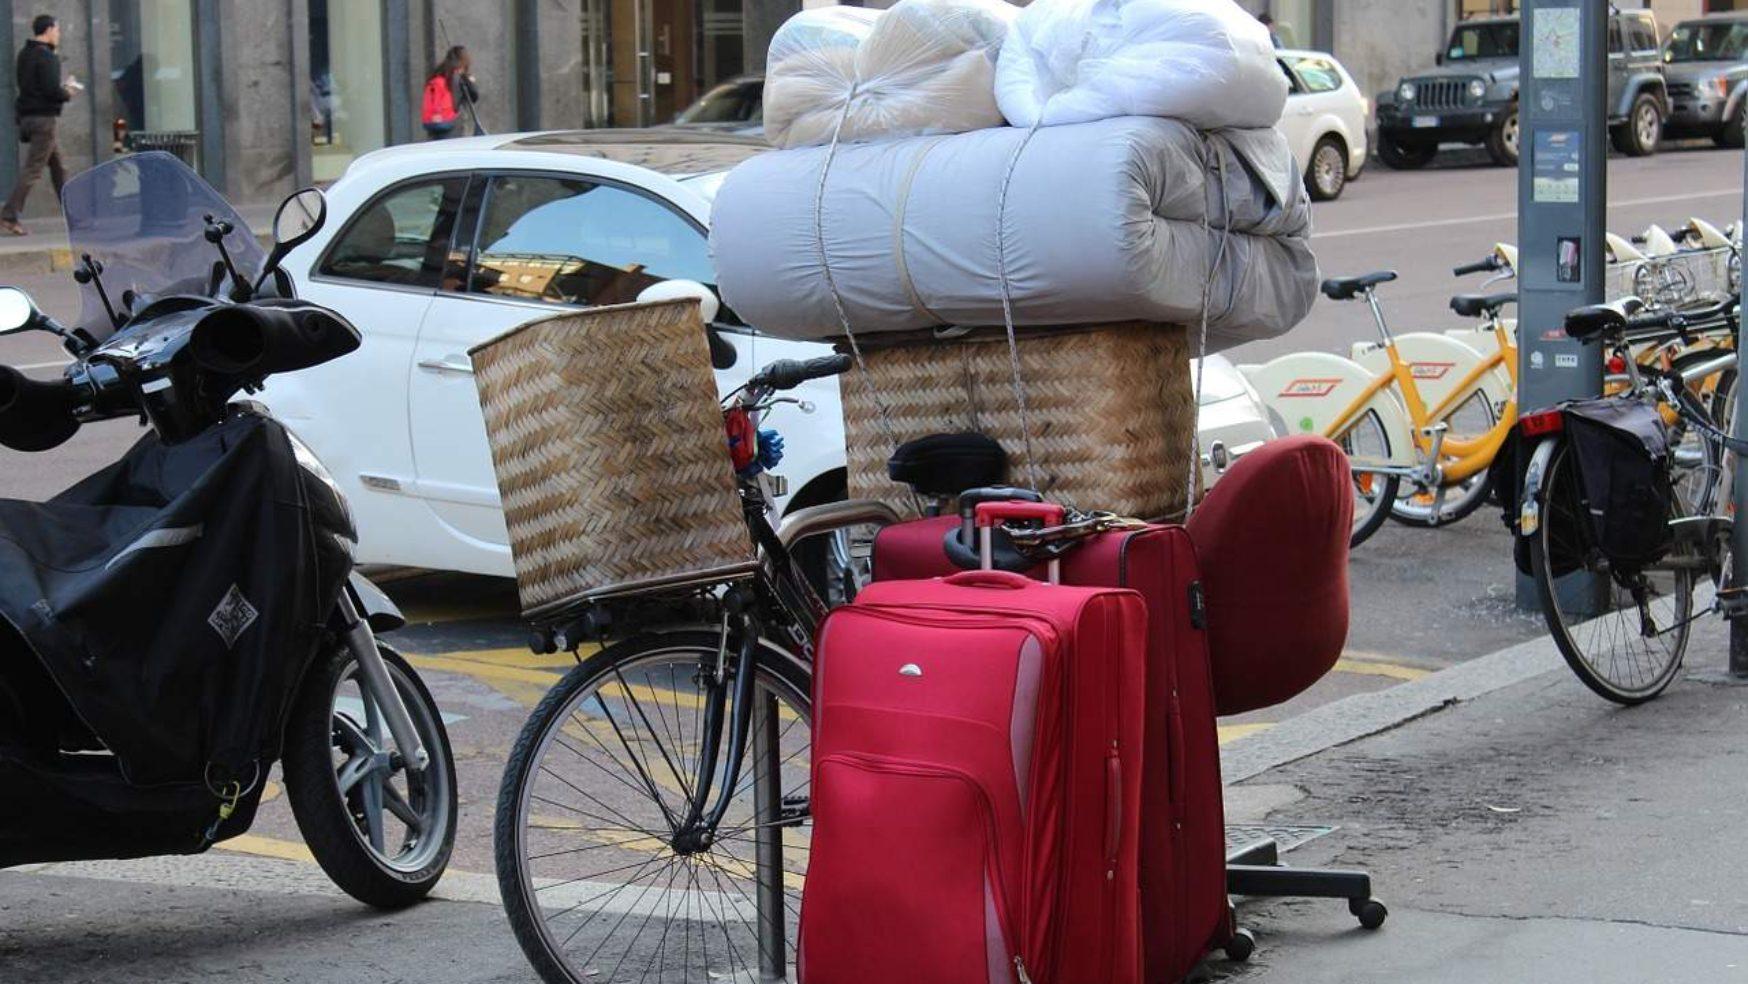 Stěhování bytů aneb ušetřete si práci